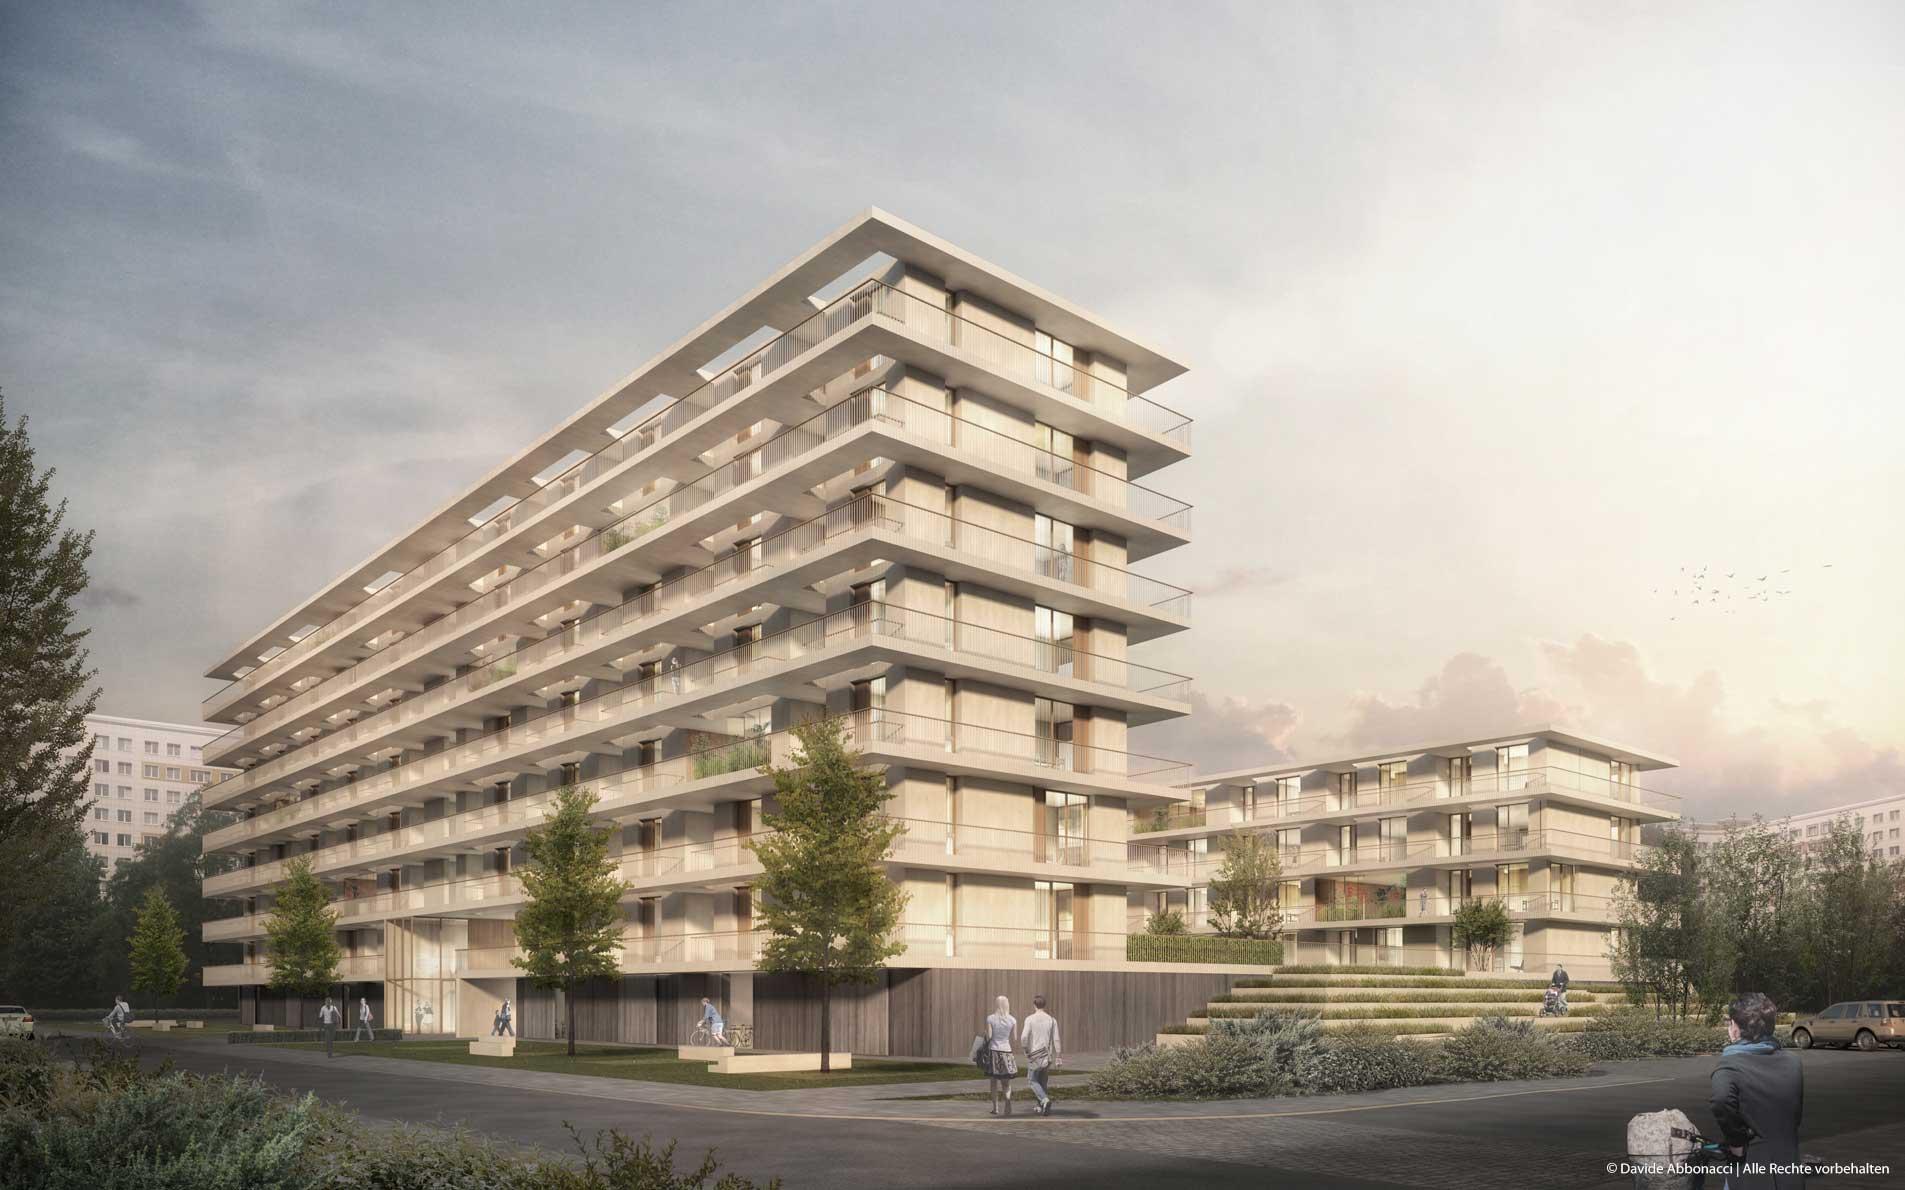 Wohnungsbau Weißenseer Weg 15, Berlin-Weißensee | brh Architekten + Ingenieure | 2015 Wettbewerbsvisualisierung | 1. Preis